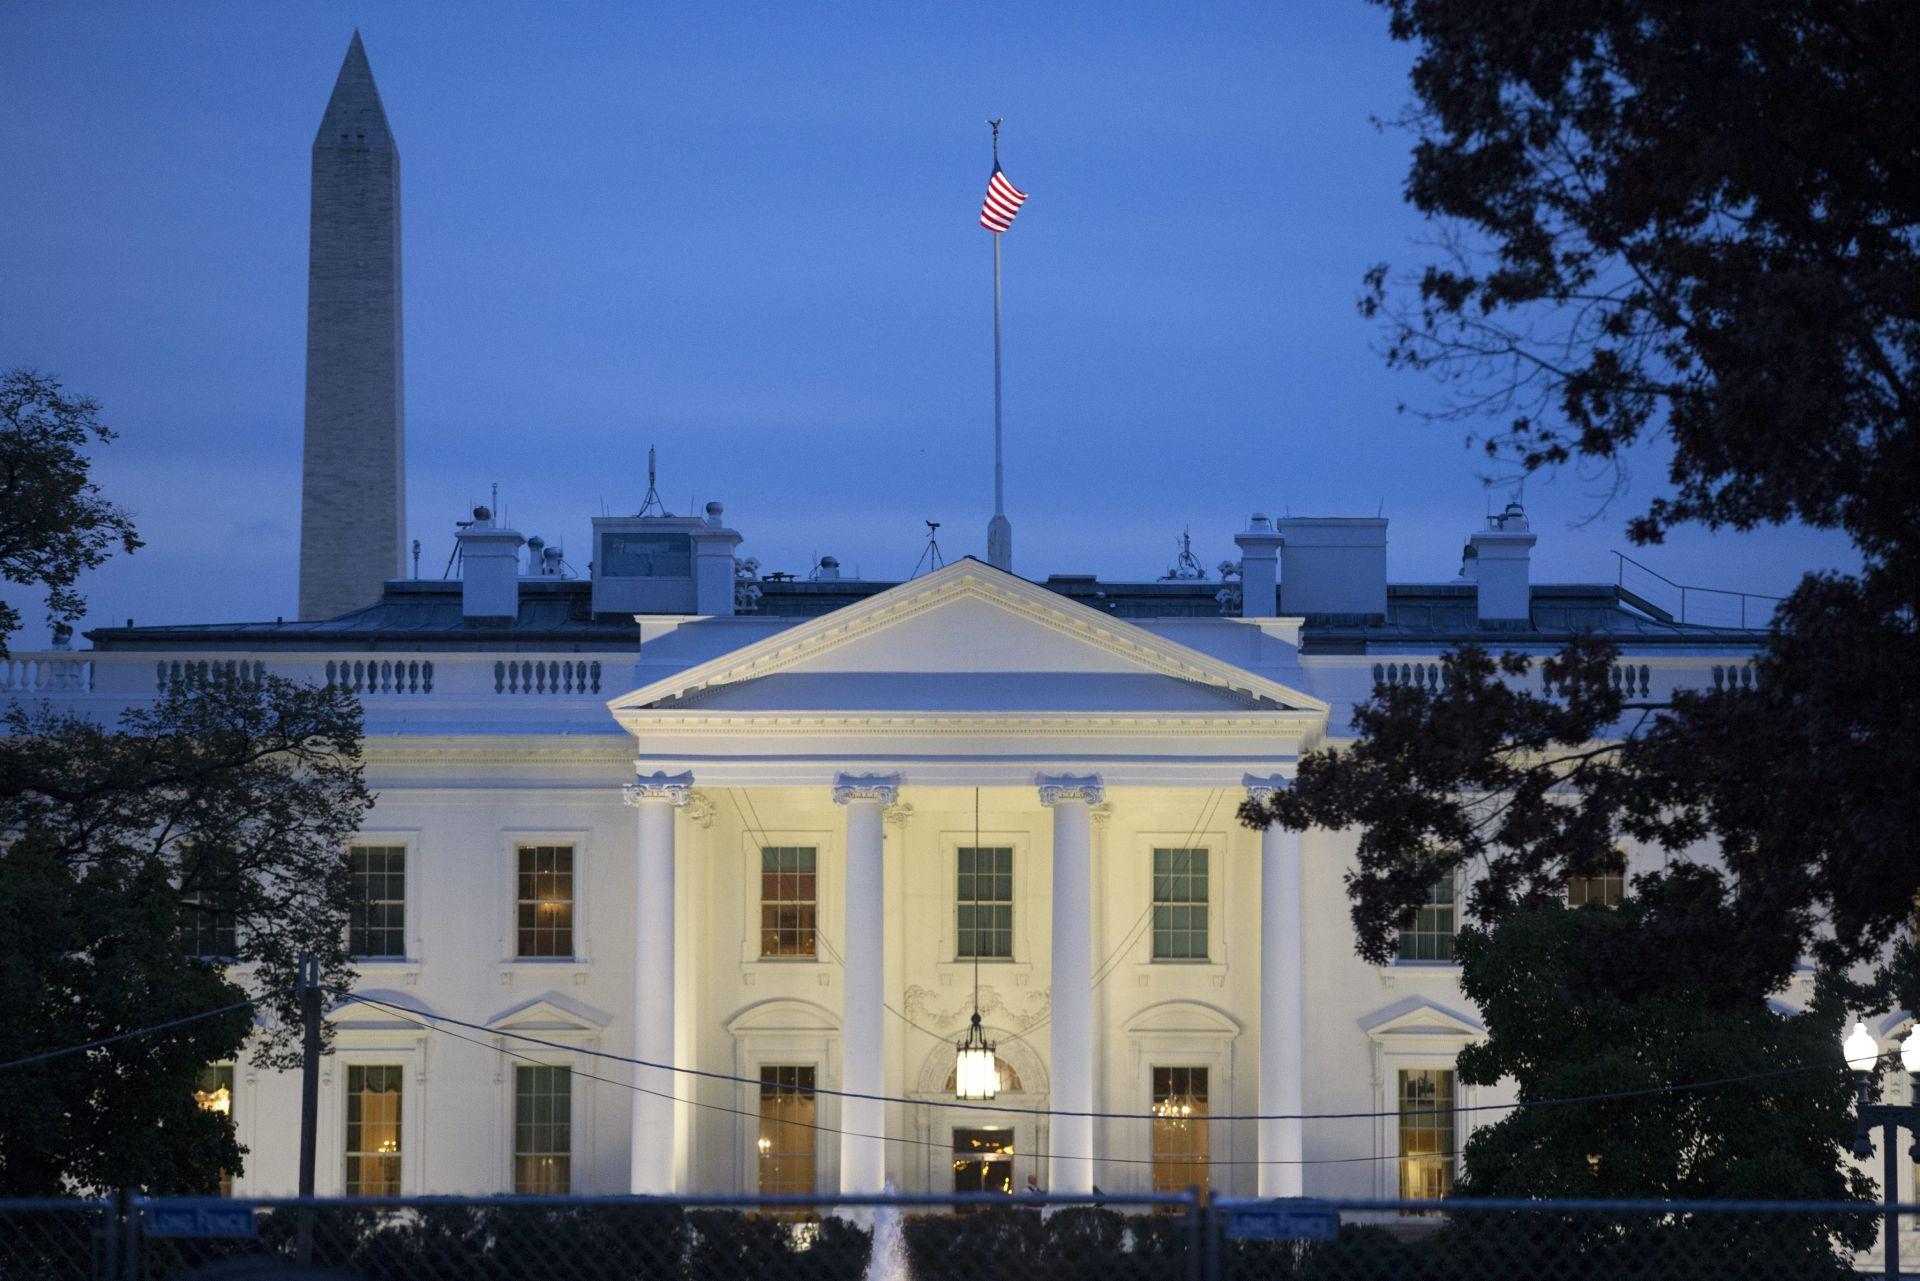 PREDSJEDNIČKI IZBORI Plenković siguran u kvalitetne odnose s Trumpom